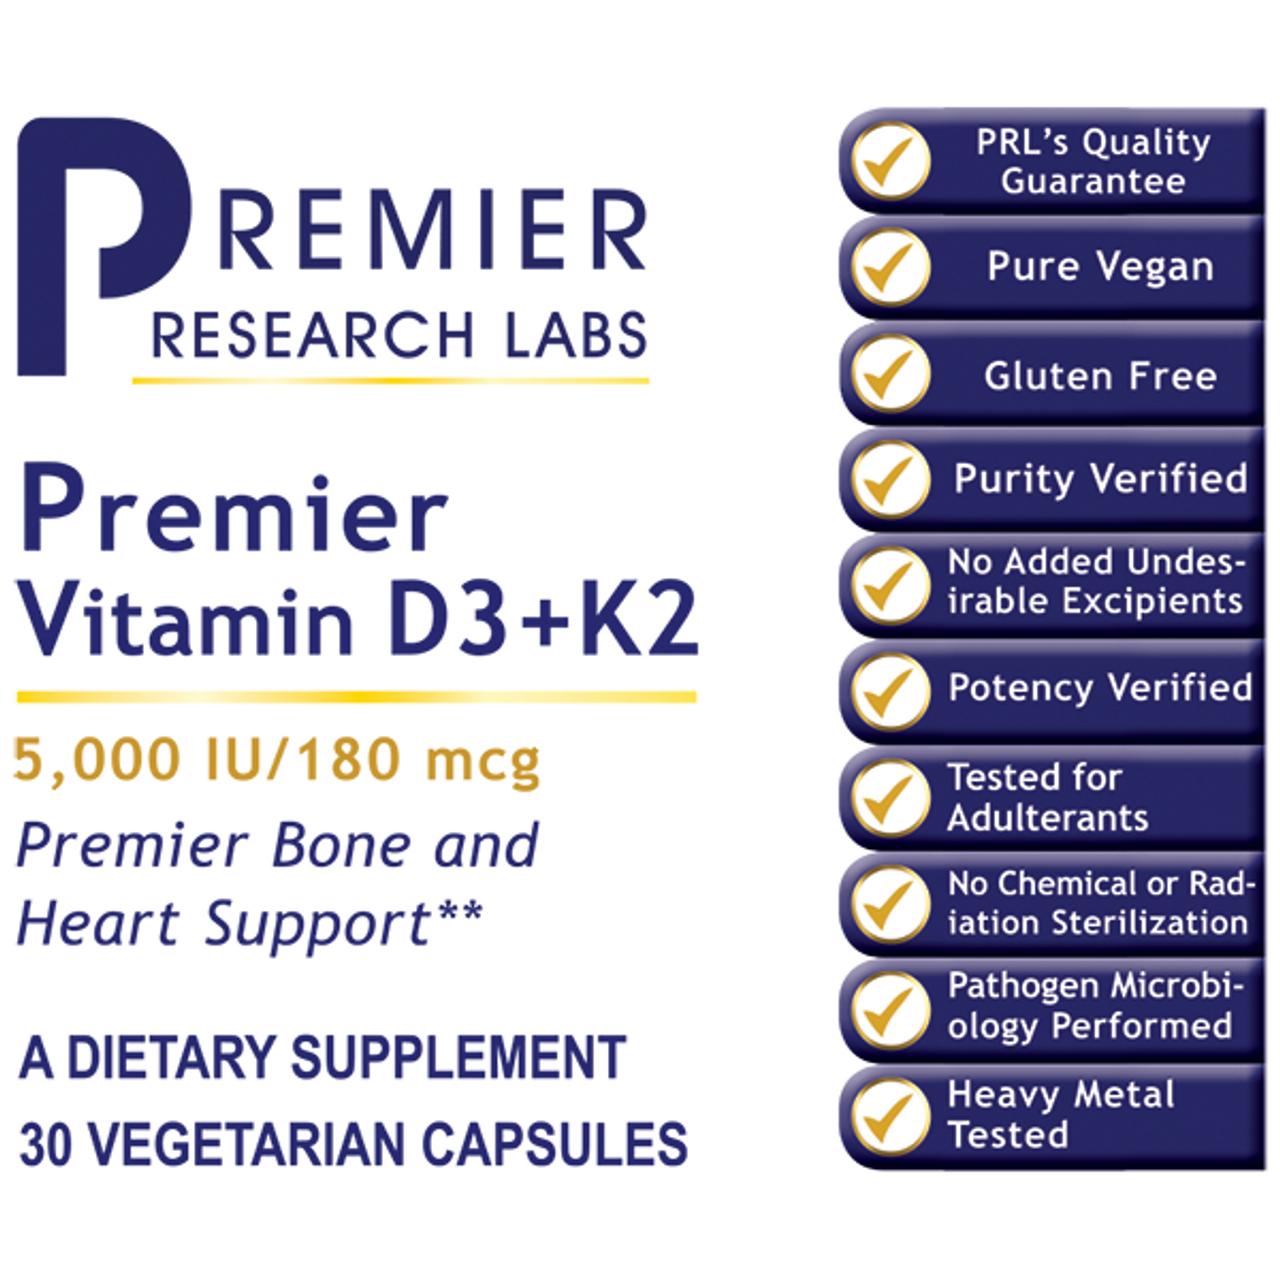 Premier Vitamin D3+K2